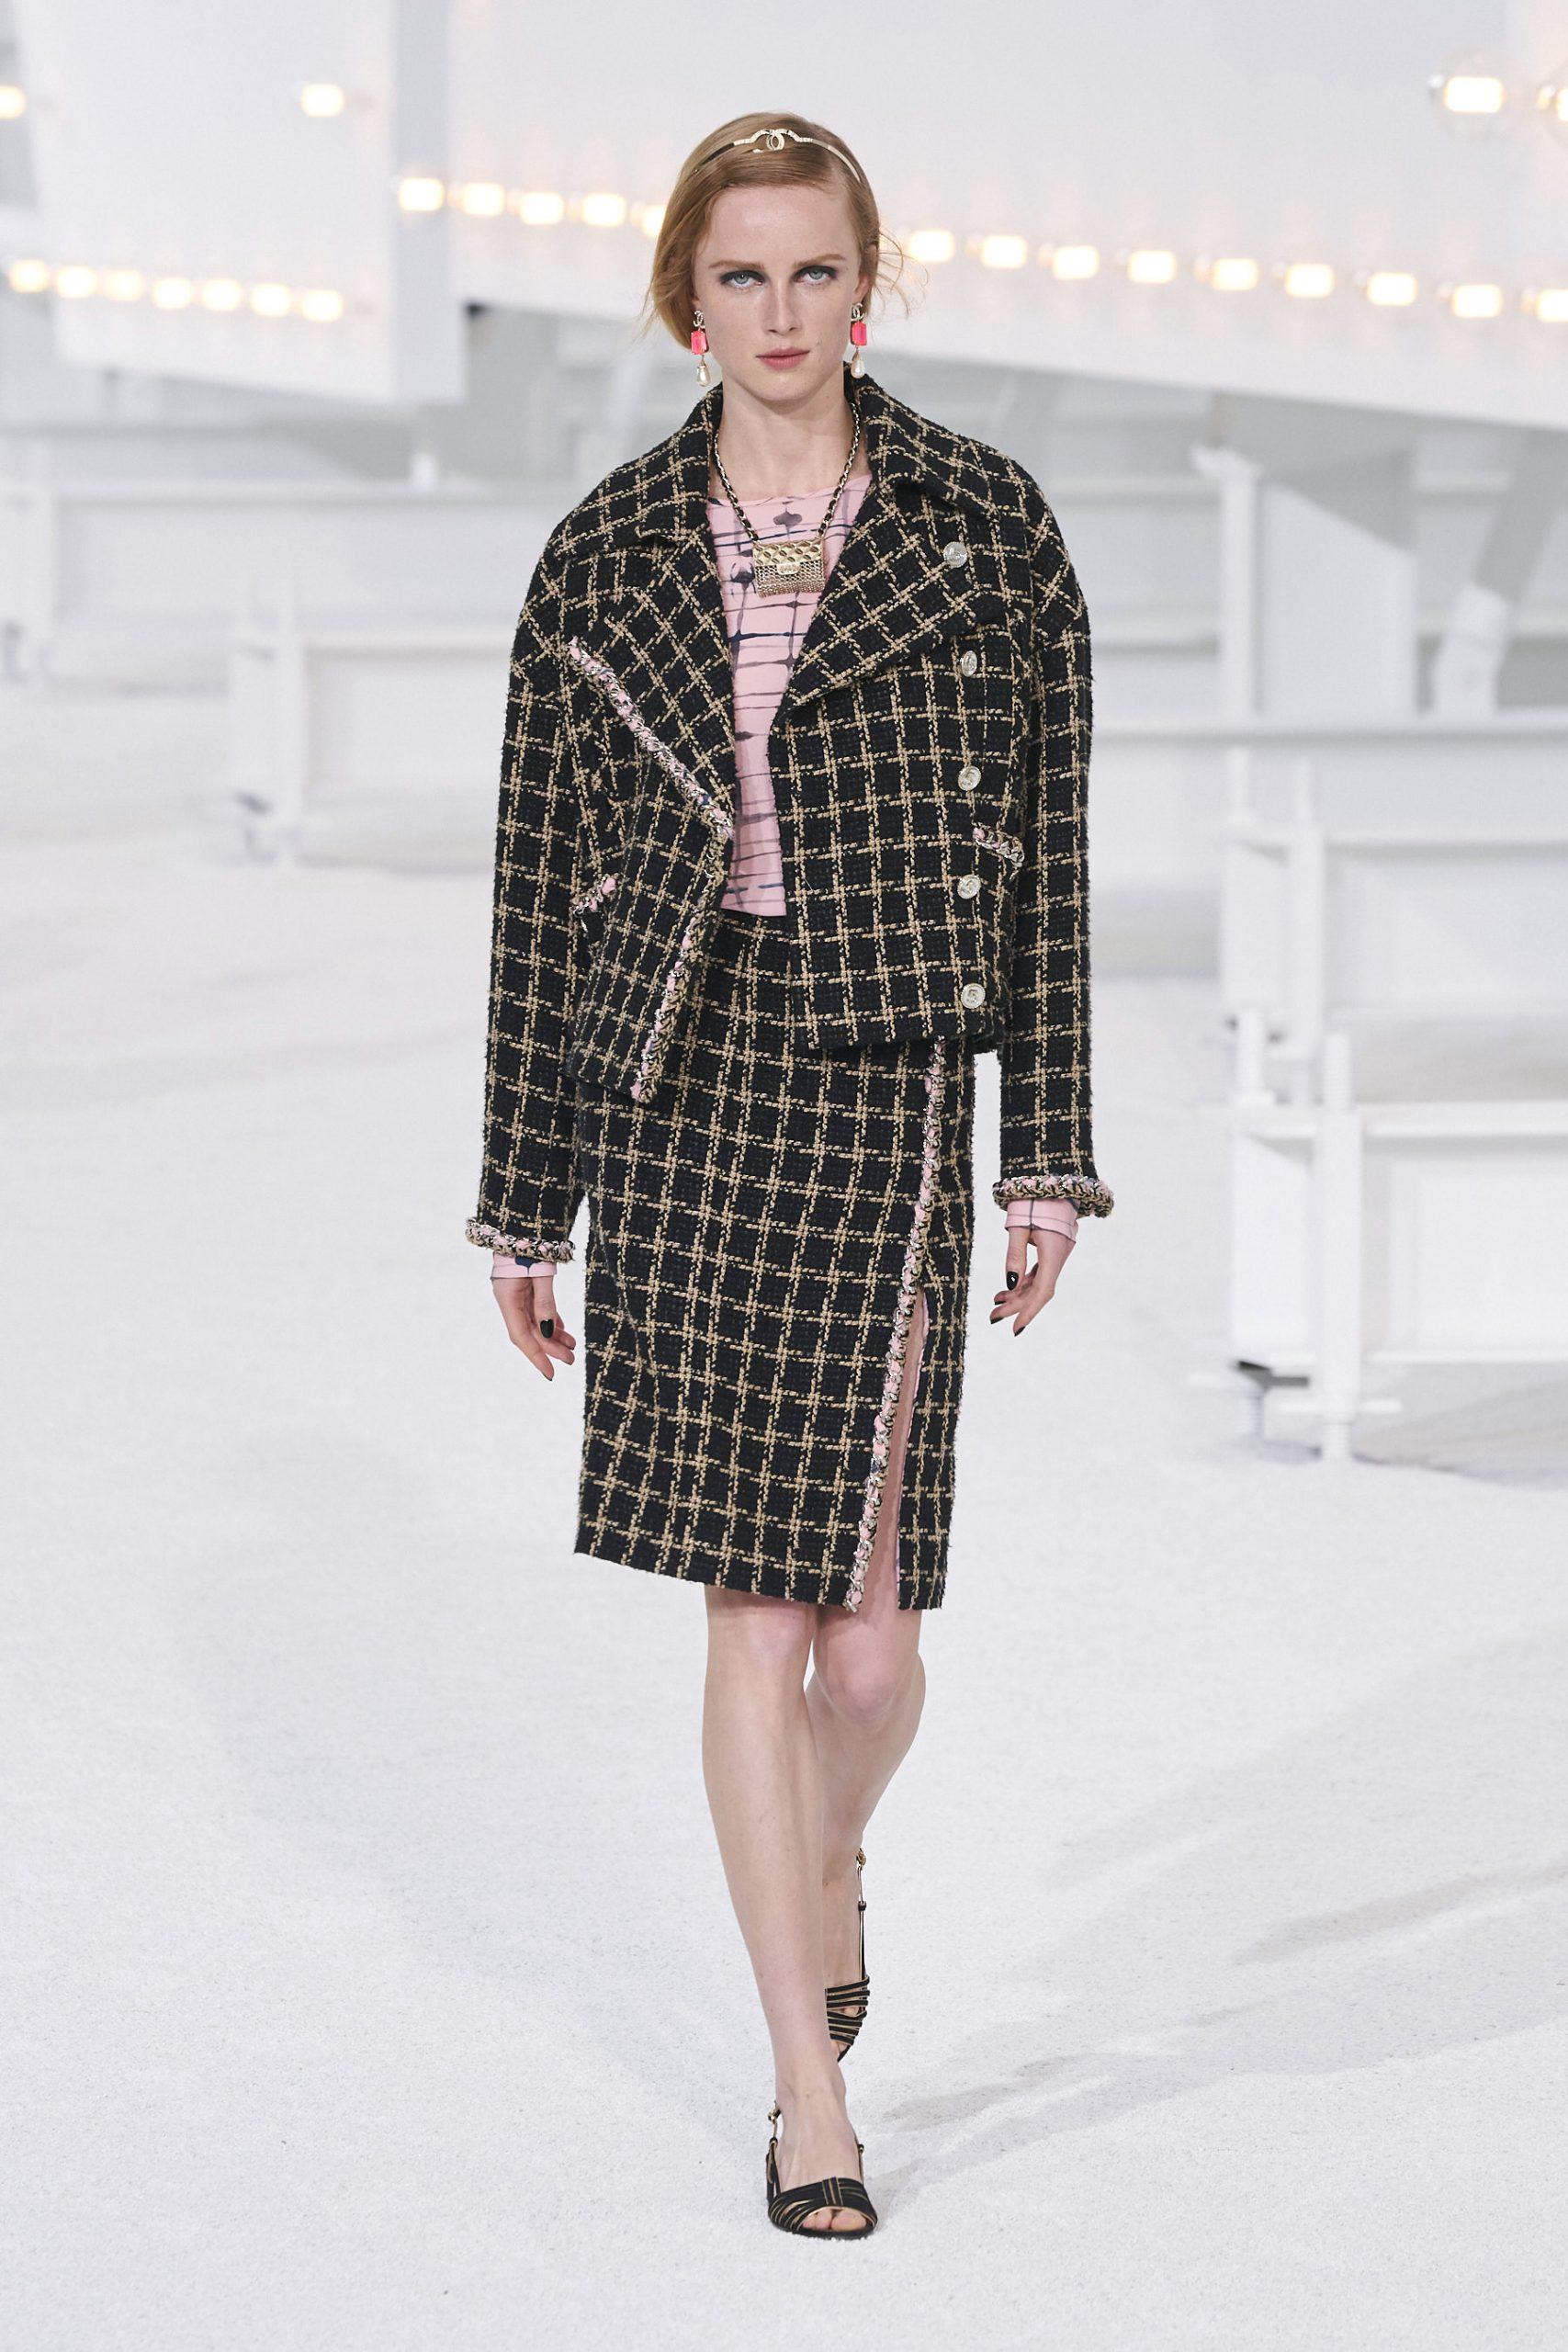 11. kép: Párizsi Divathét - Chanel - 2021 tavasz-nyár - ready to wear